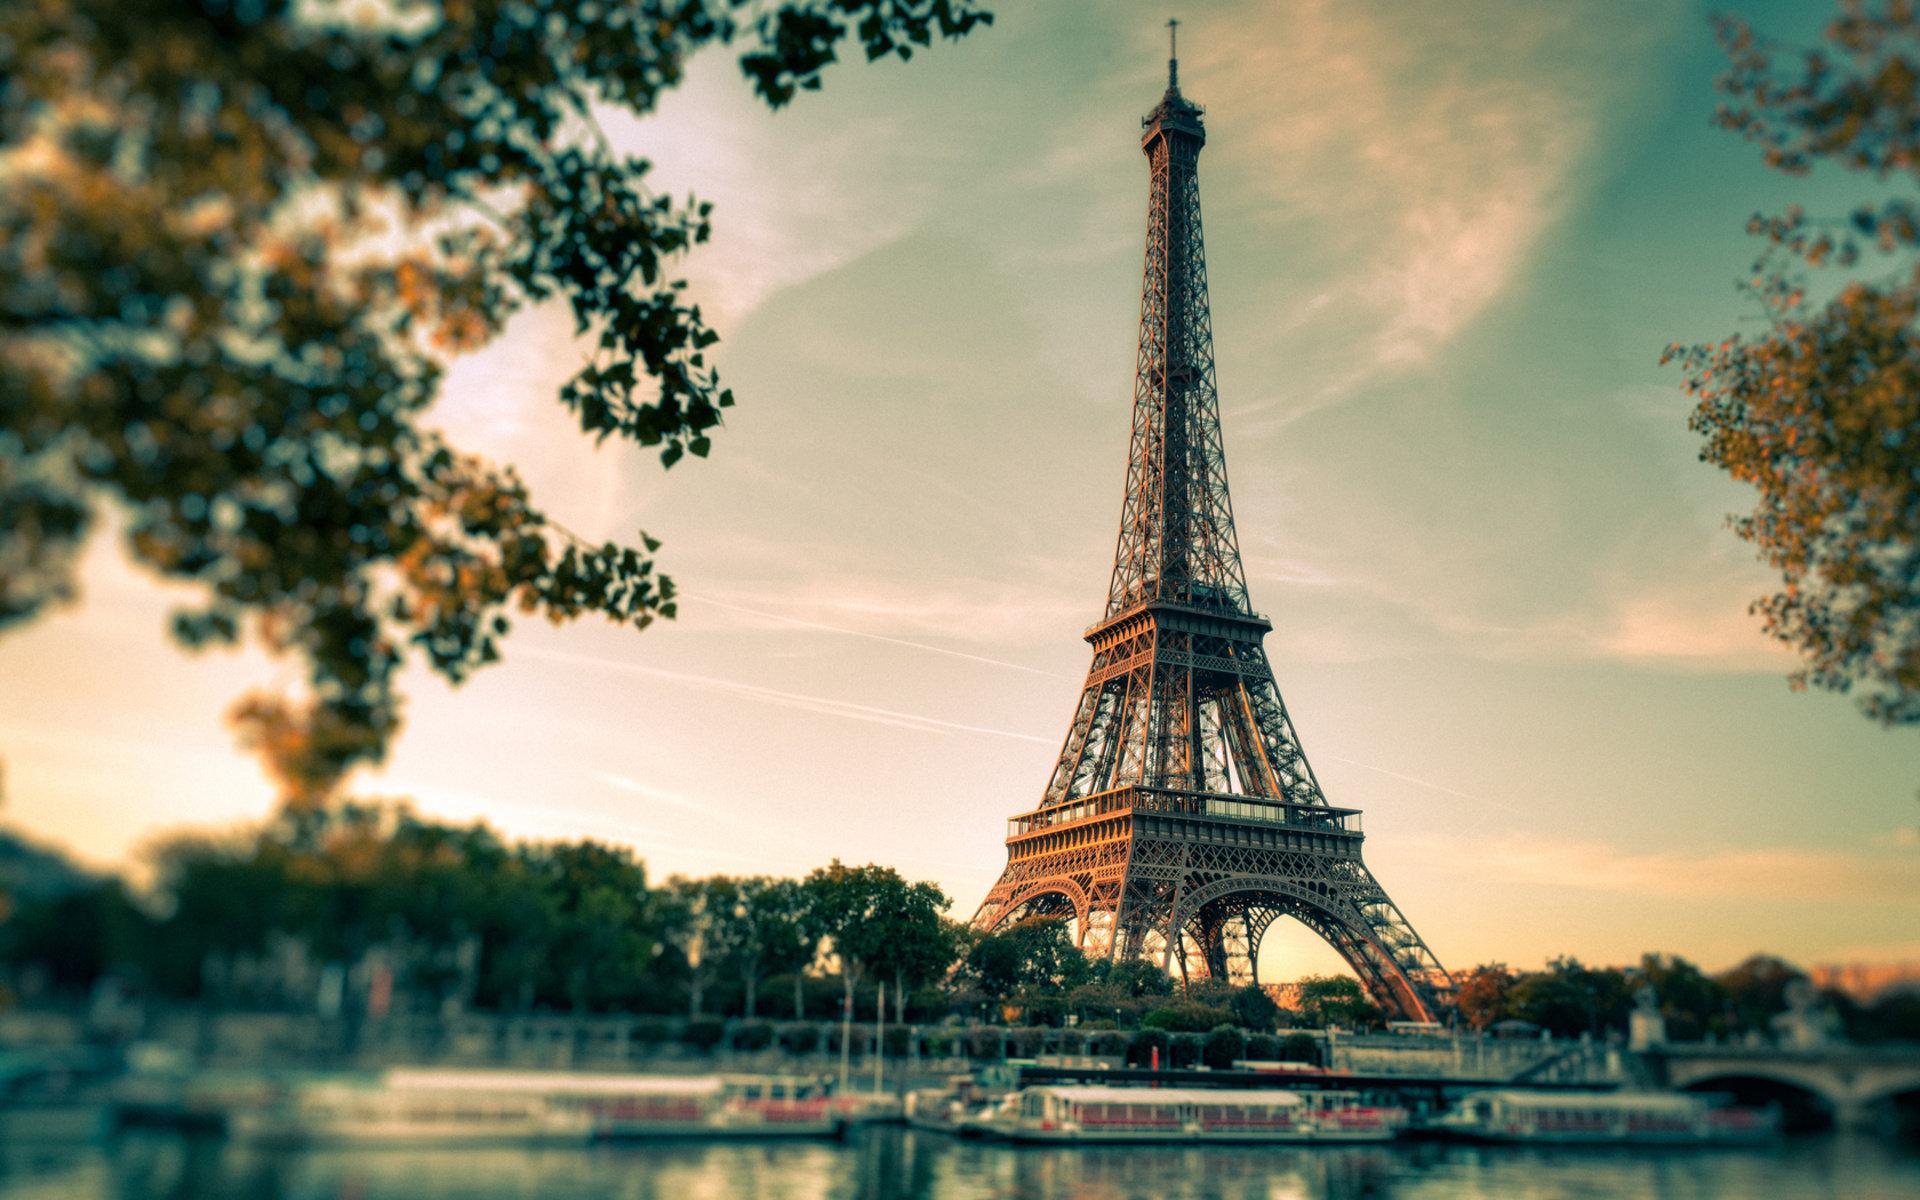 Eiffel Tower Background HD